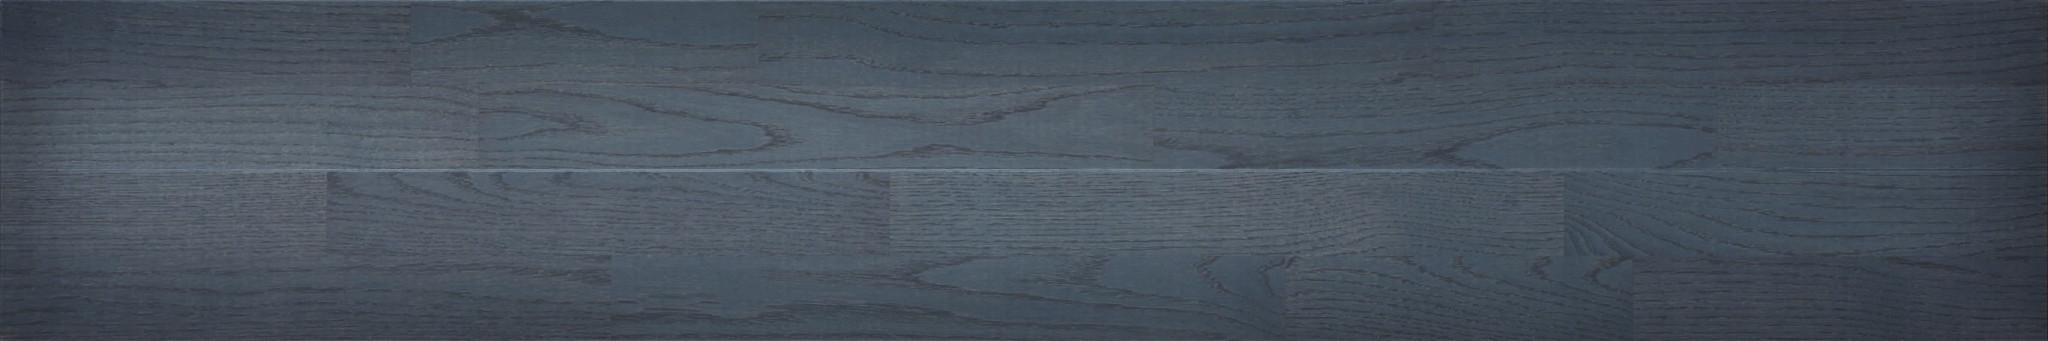 HVK4TA2405M 1818×303×12mm×6片 白橡实木多层